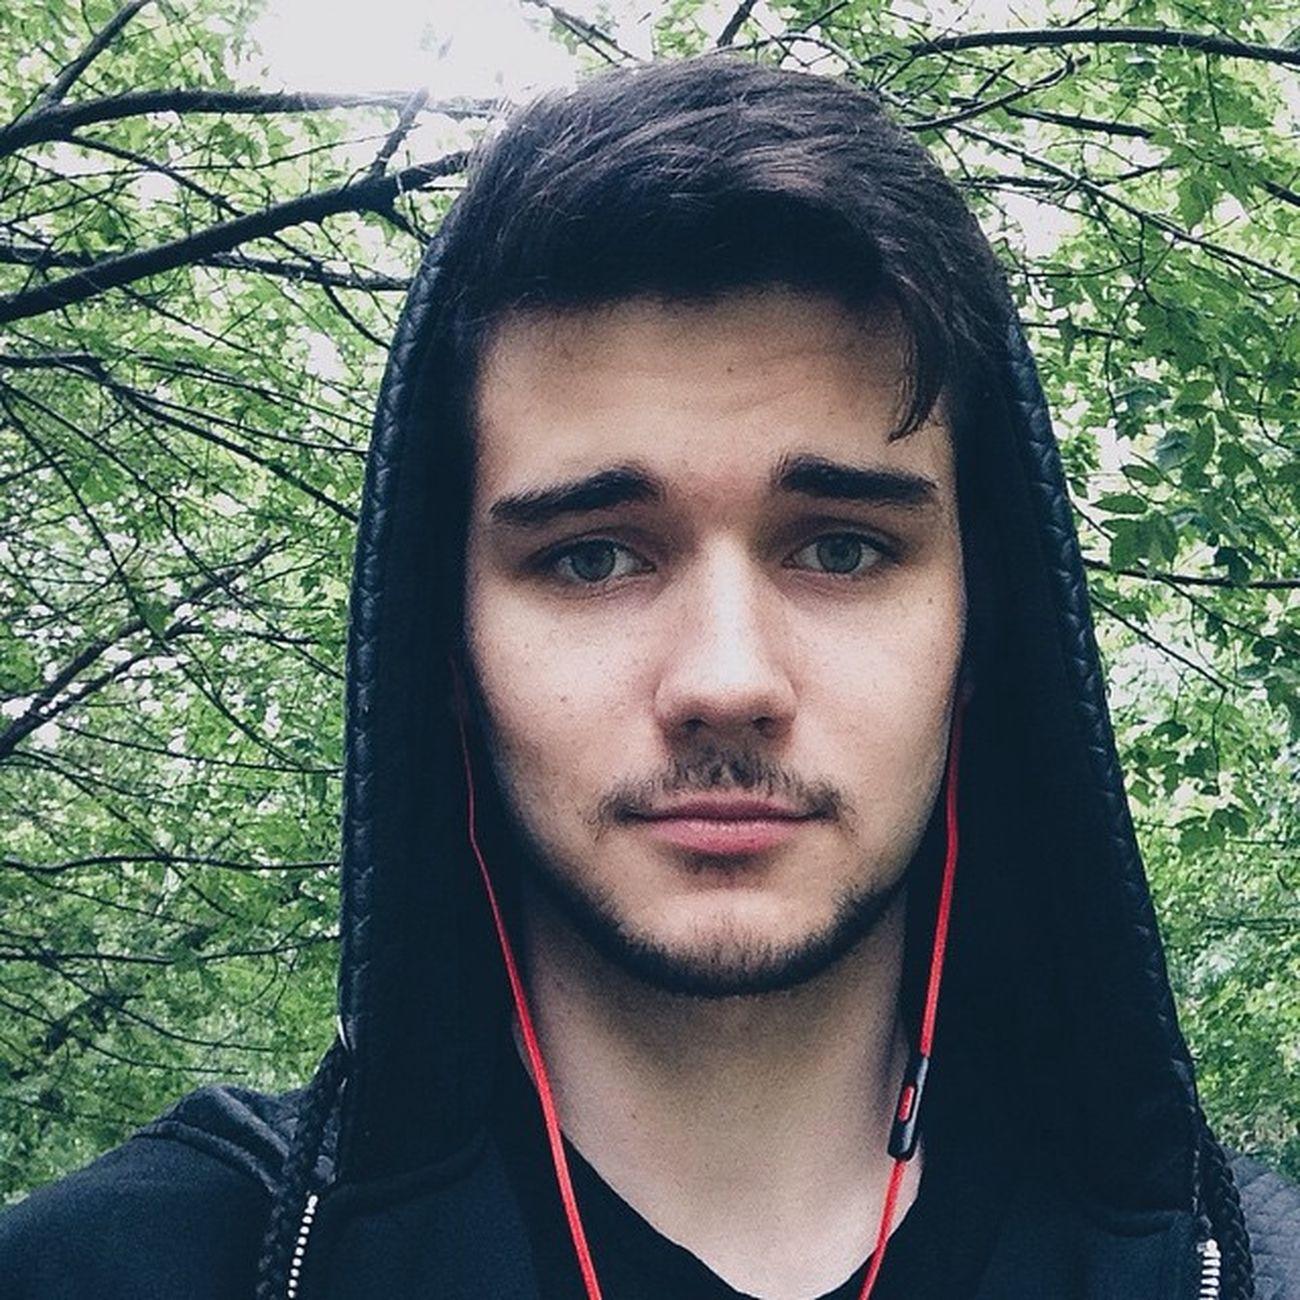 Вчера был замечательный вечер, я уверен, что все будет хорошо ☺️😻 Selfie Boy Me Vsc VSCO Vscocam Vscomsk Vscophoto Instagram Instagood Face селфи себяшка Me Msk Moment Moscow Street мск влюблен